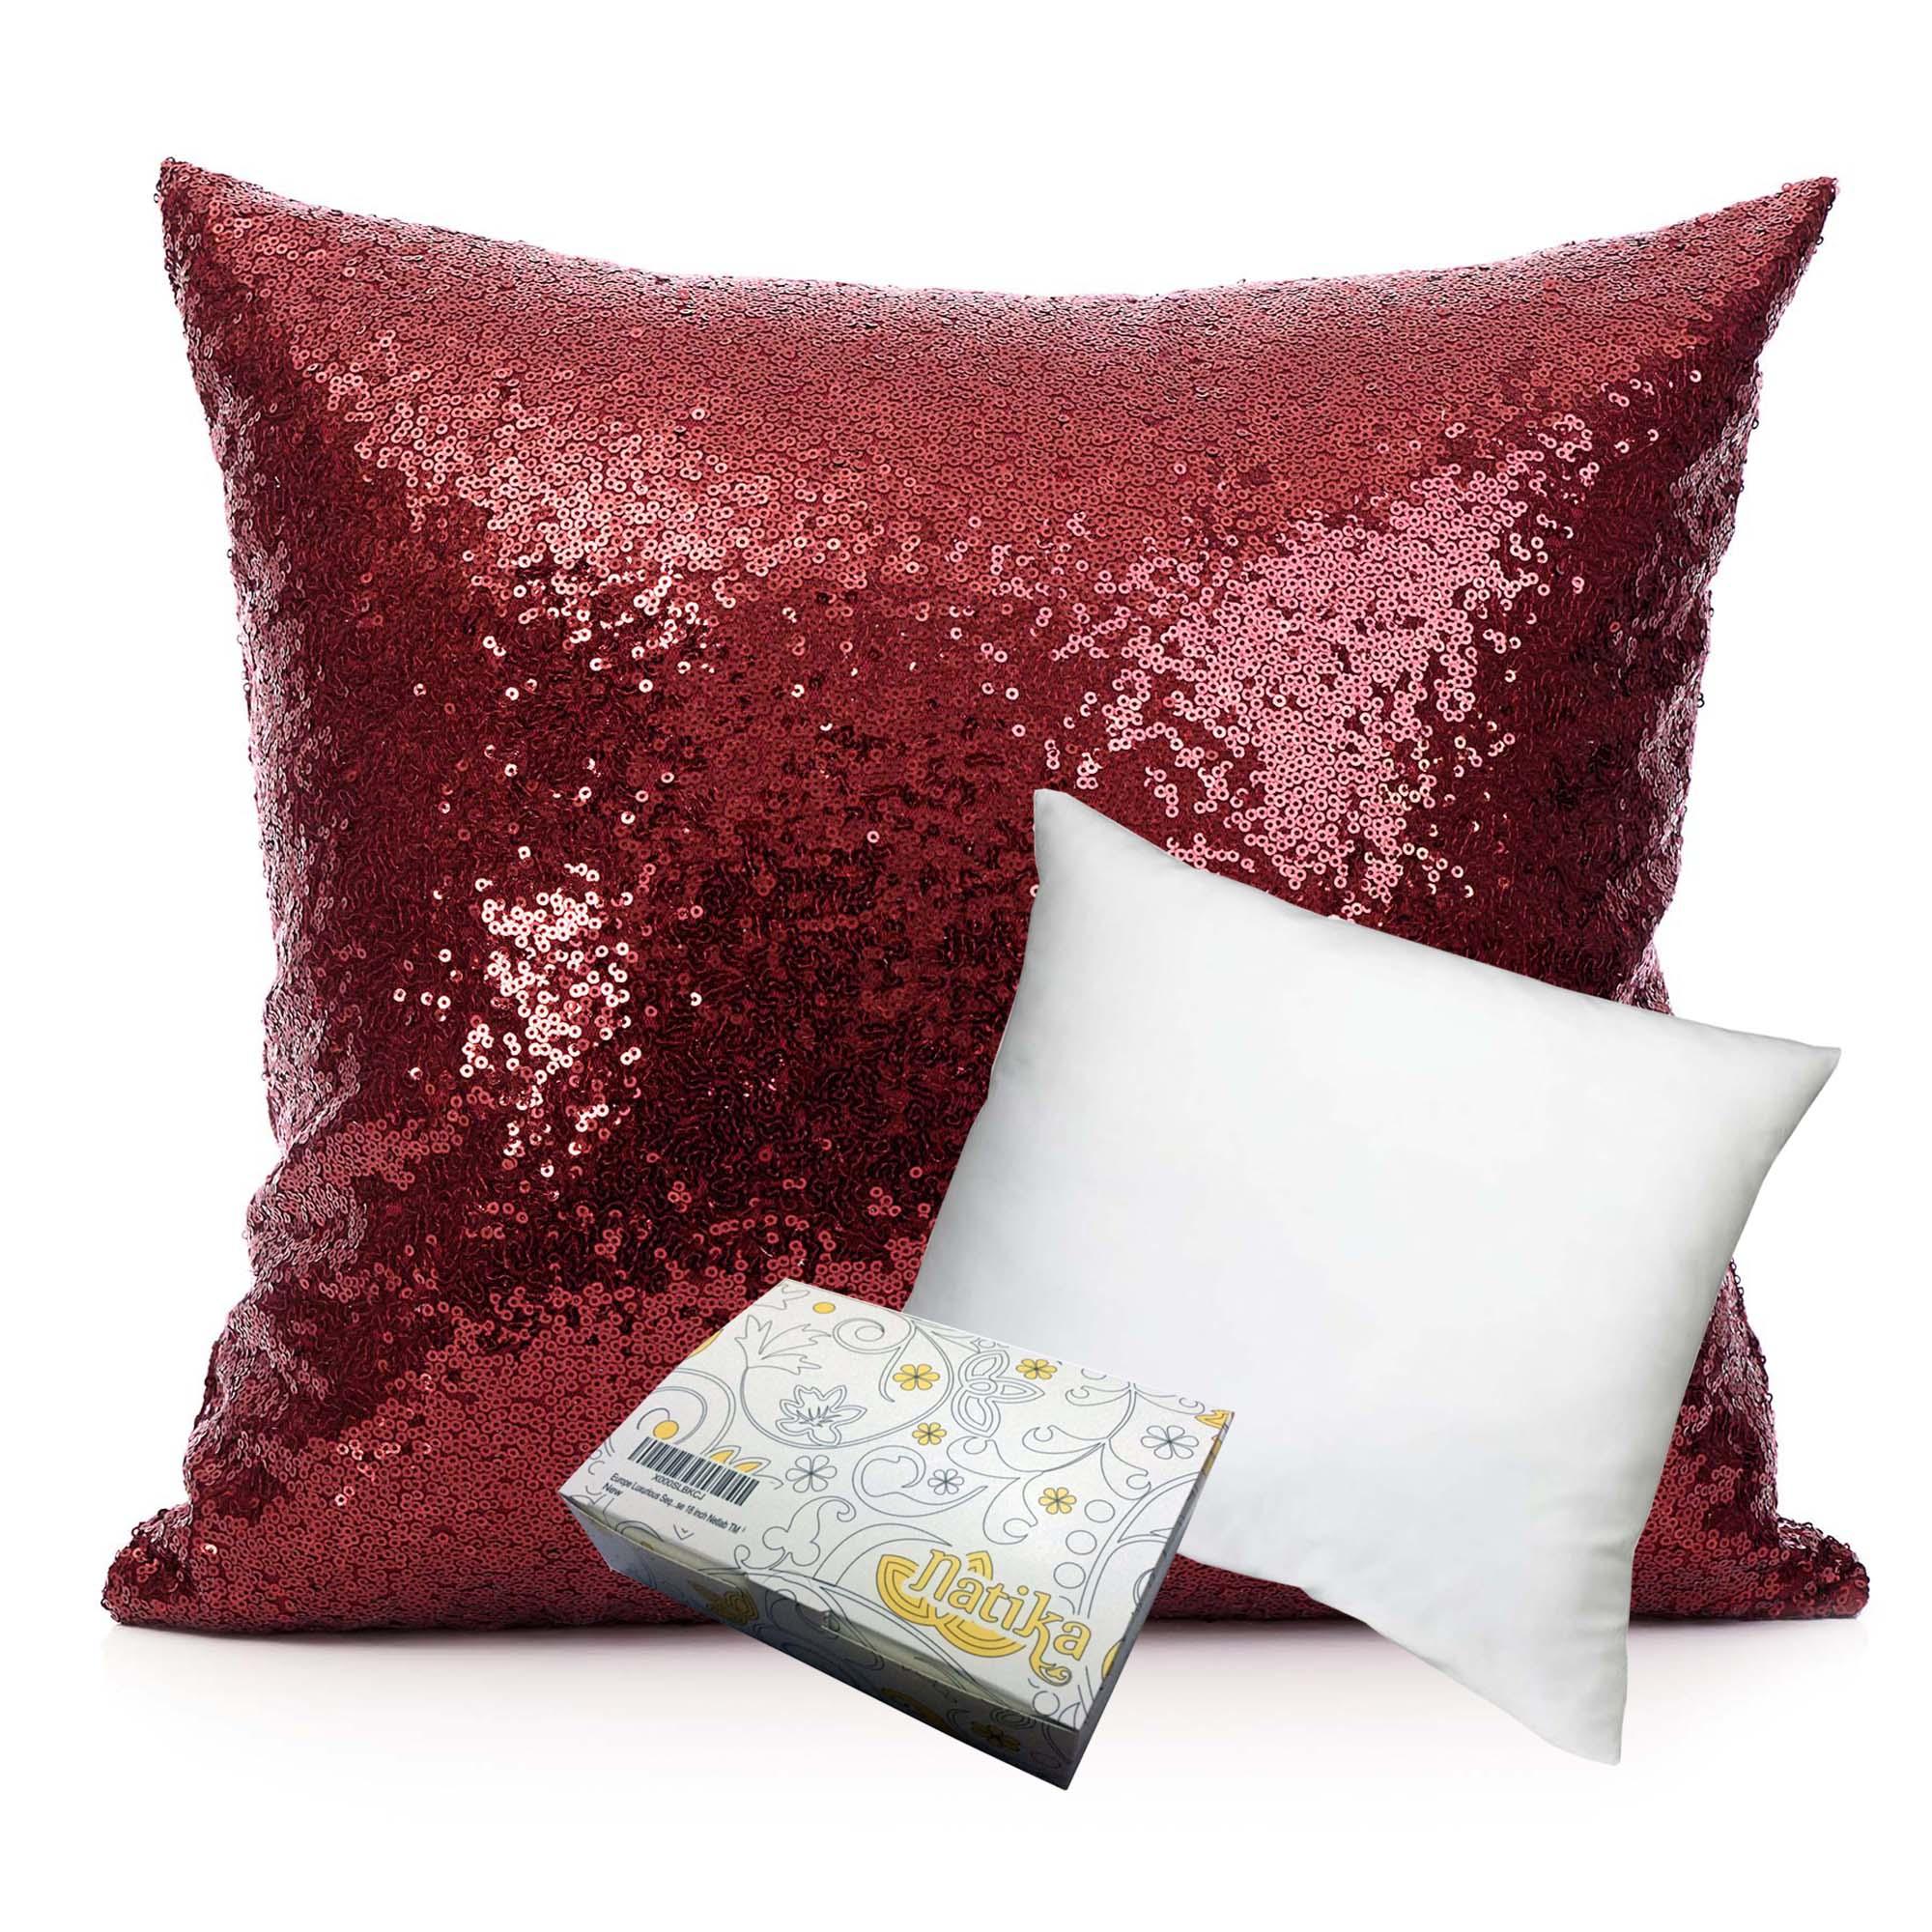 หมอนอิง Sequin Pillow Cushion Cover Pillow Case ขนาด 18 นิ้ว x 18 นิ้ว (45cm) – สีแดง Ruby